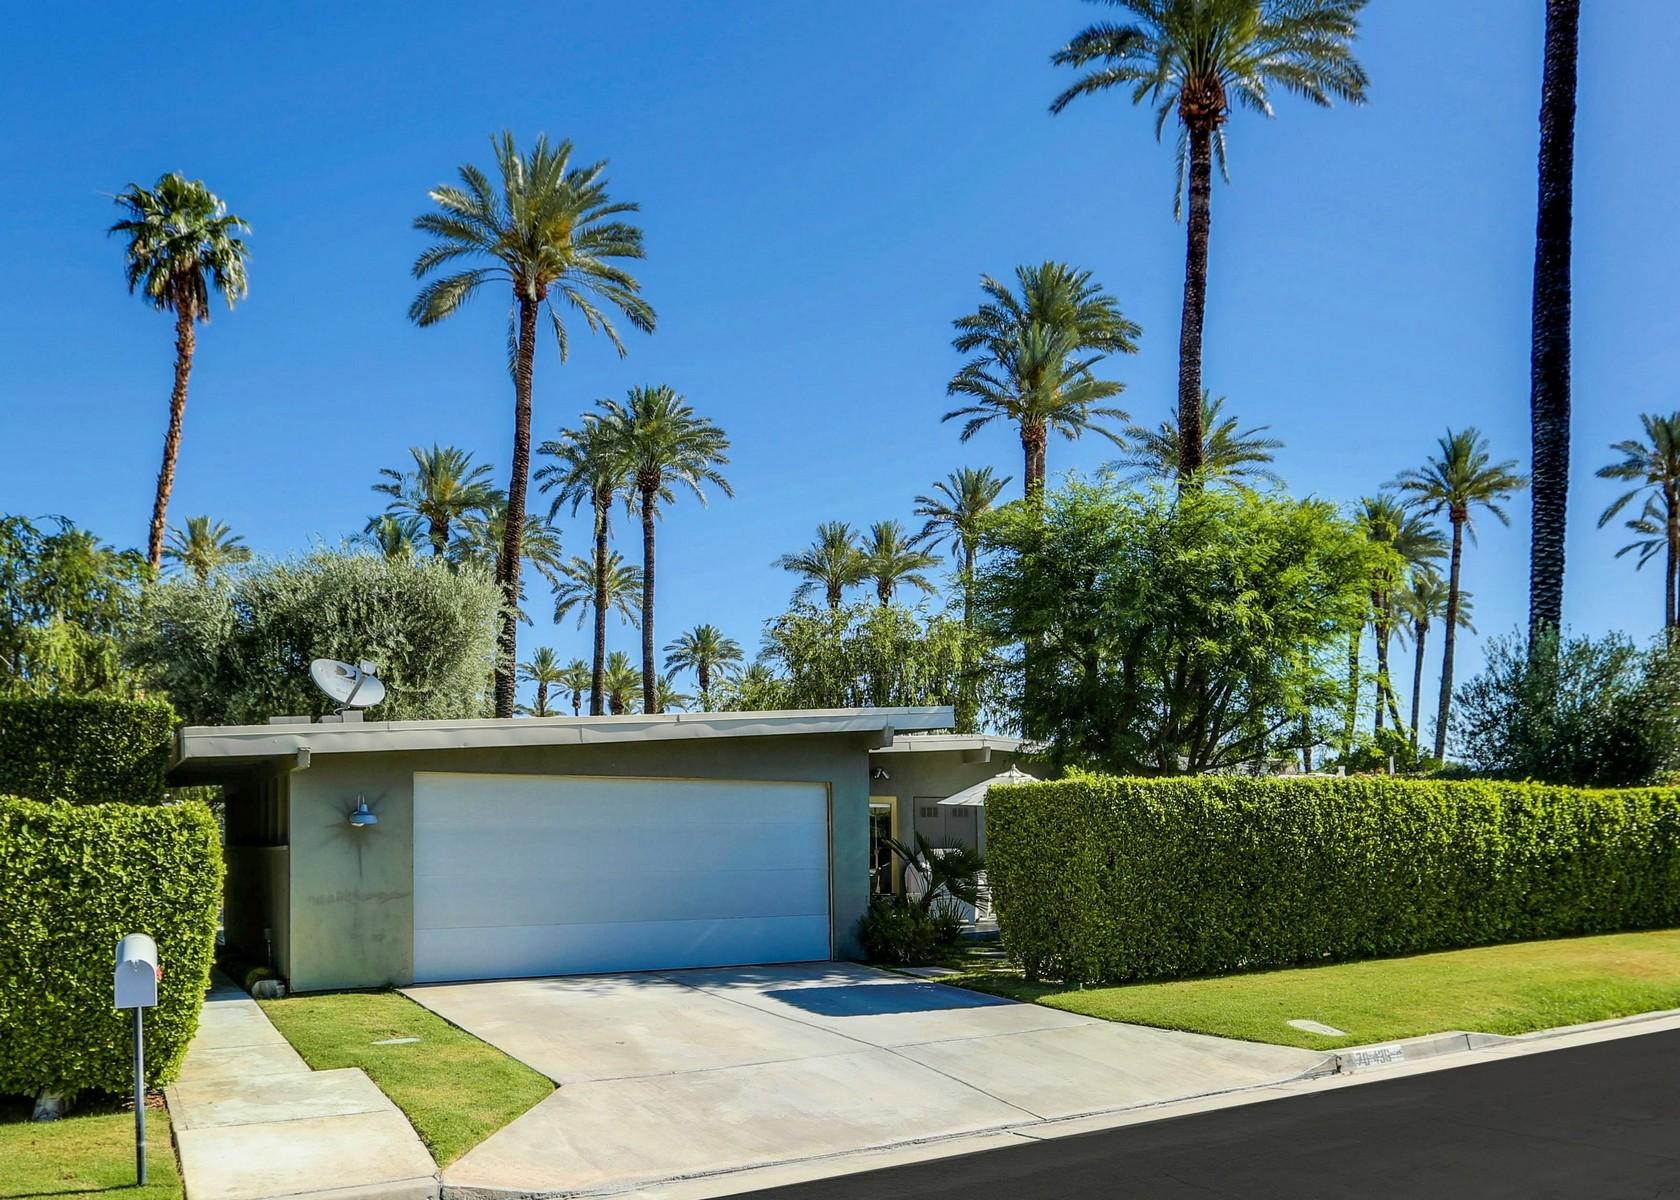 独户住宅 为 销售 在 70436 Tamarisk Lane Rancho Mirage, 加利福尼亚州, 92270 美国